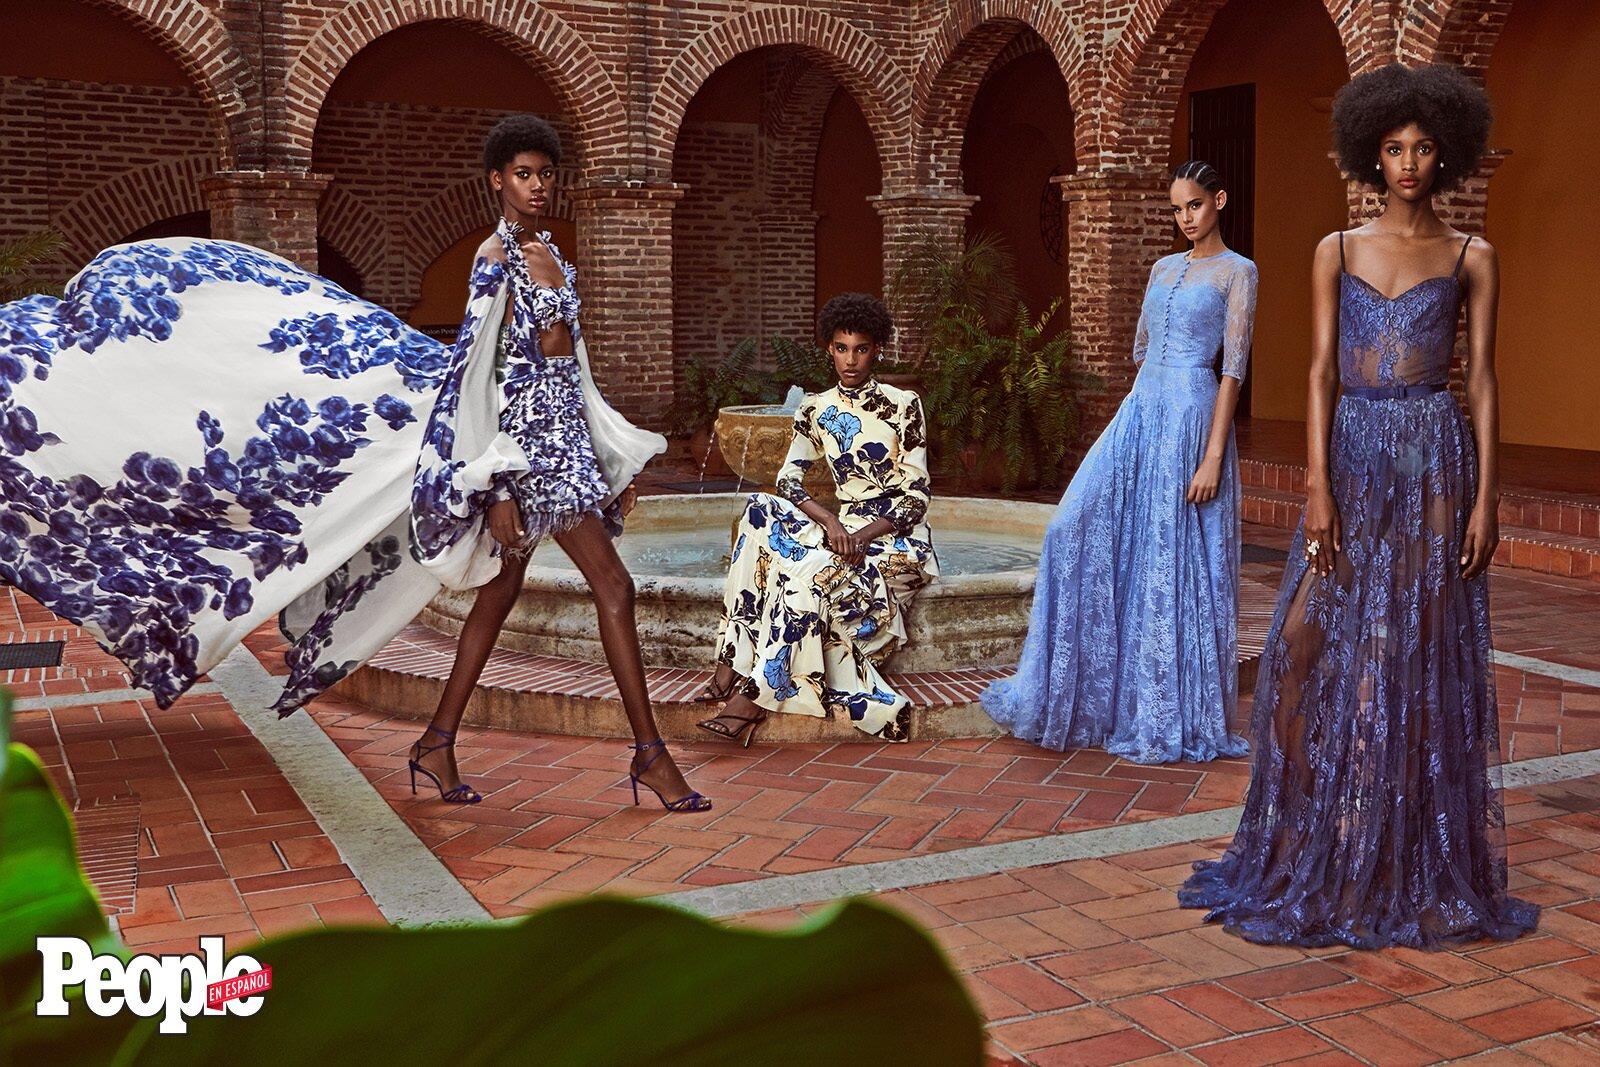 Modelos Dominicanas - Digital Cover (DO NOT REUSE)